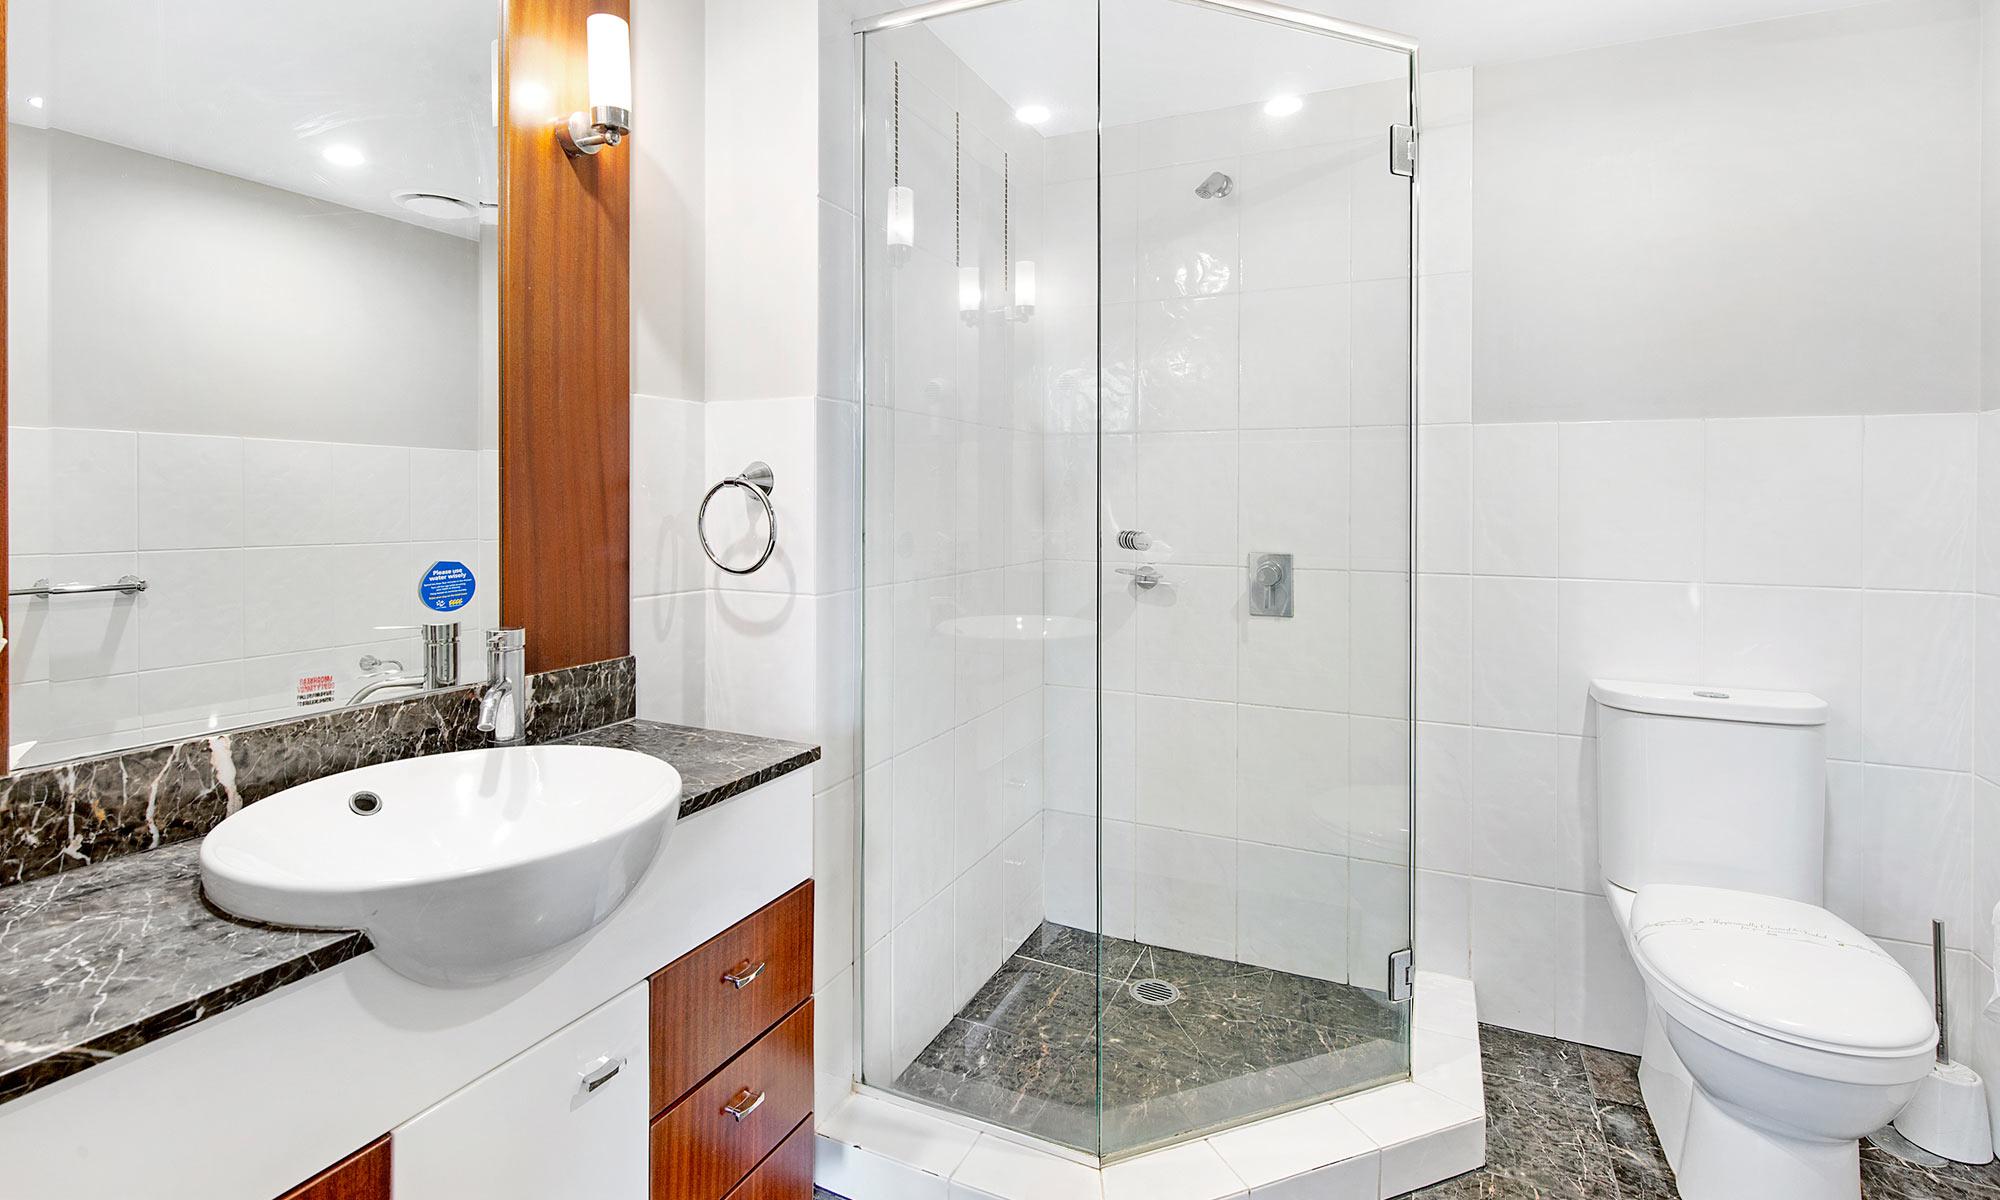 Gold Coast real estate for sale Chevron Renaissance 3073 ensuite